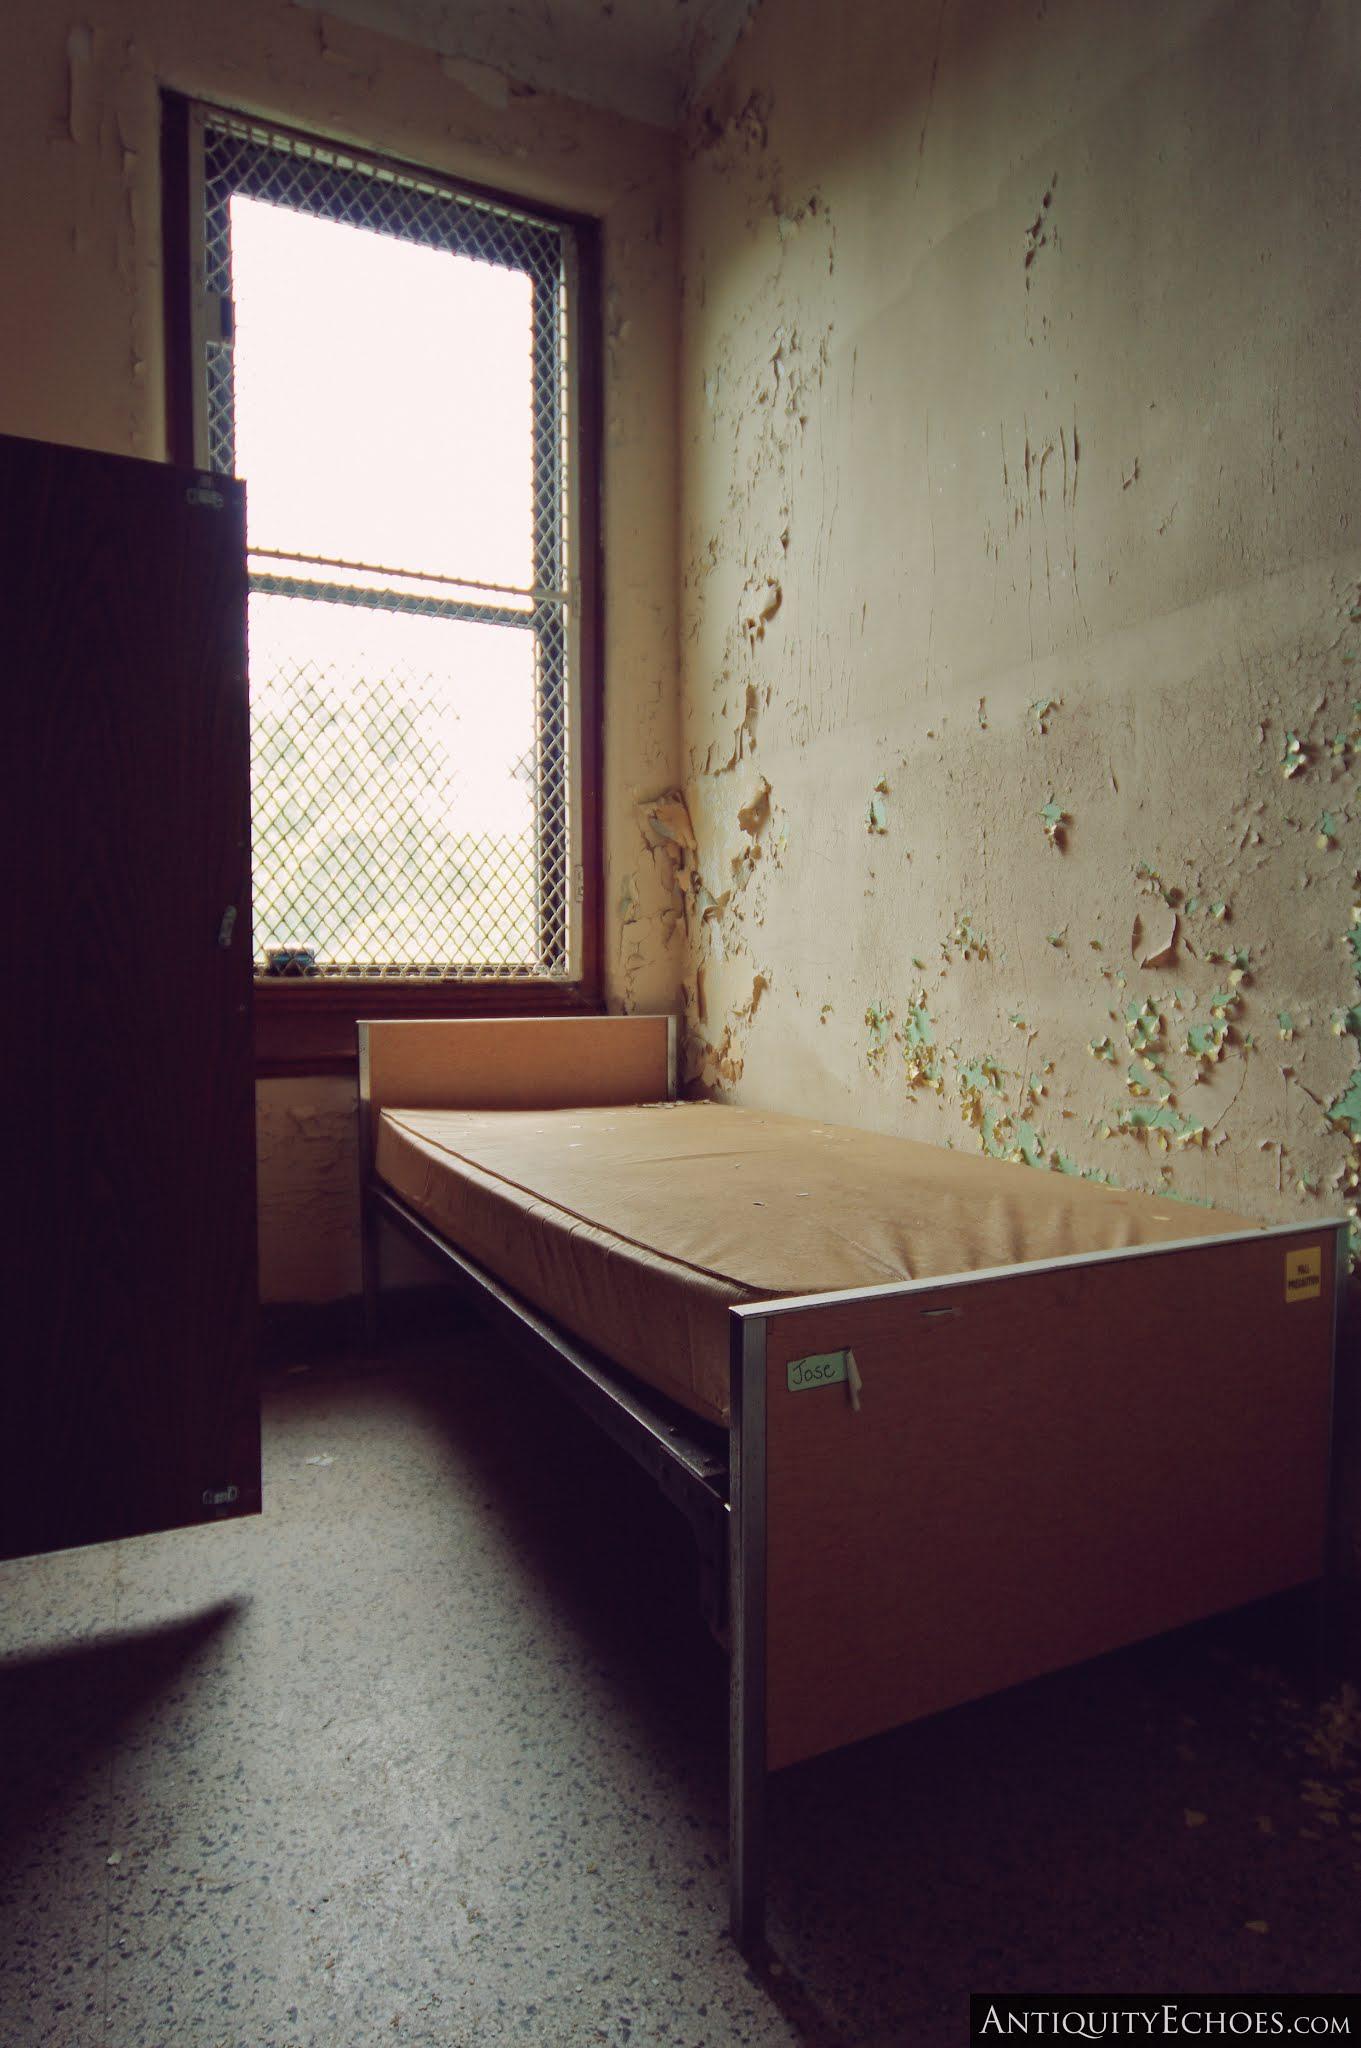 Overbrook Asylum - Jose's Bed